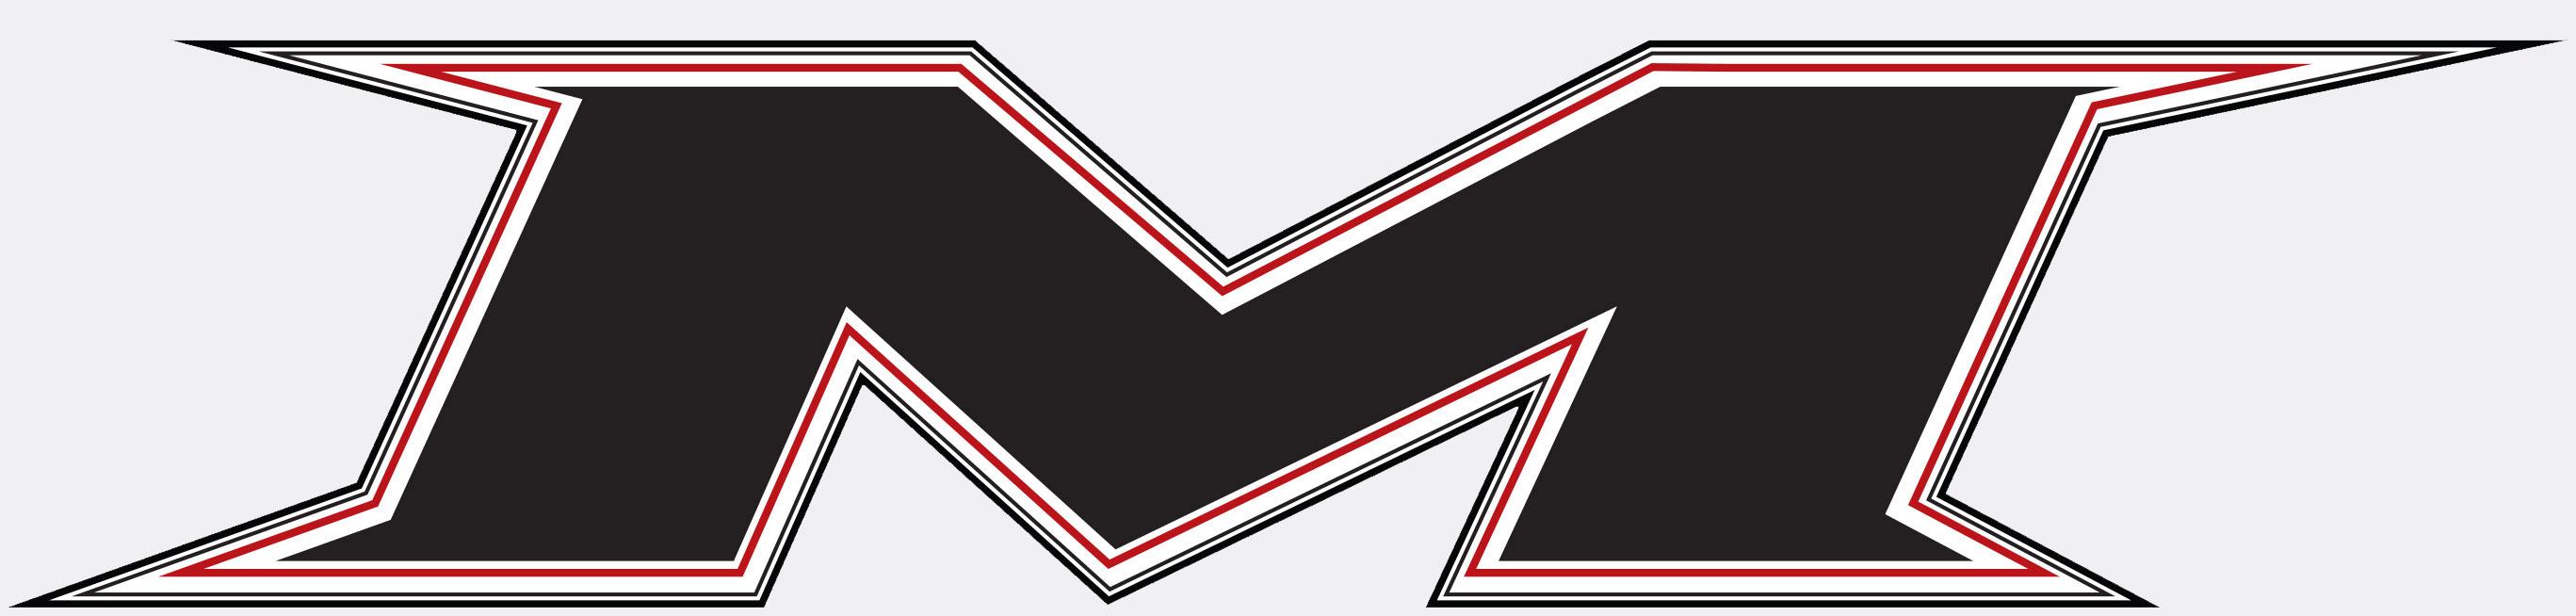 miken-m-red-black-greybackground.jpg